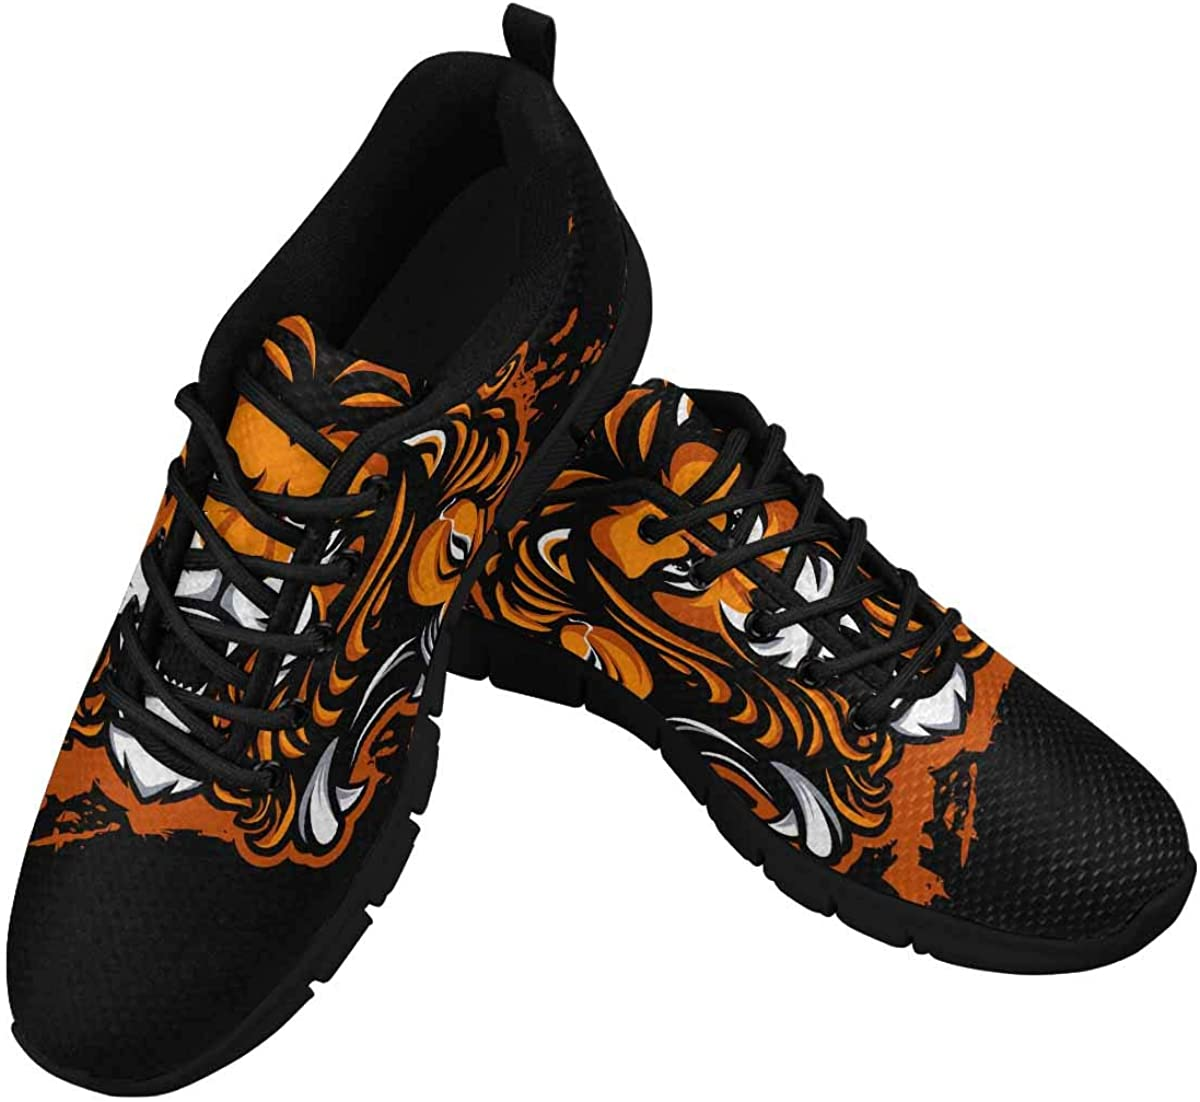 INTERESTPRINT Lion Mascot Women's Walking Shoes Lightweight Casual Running Sneakers